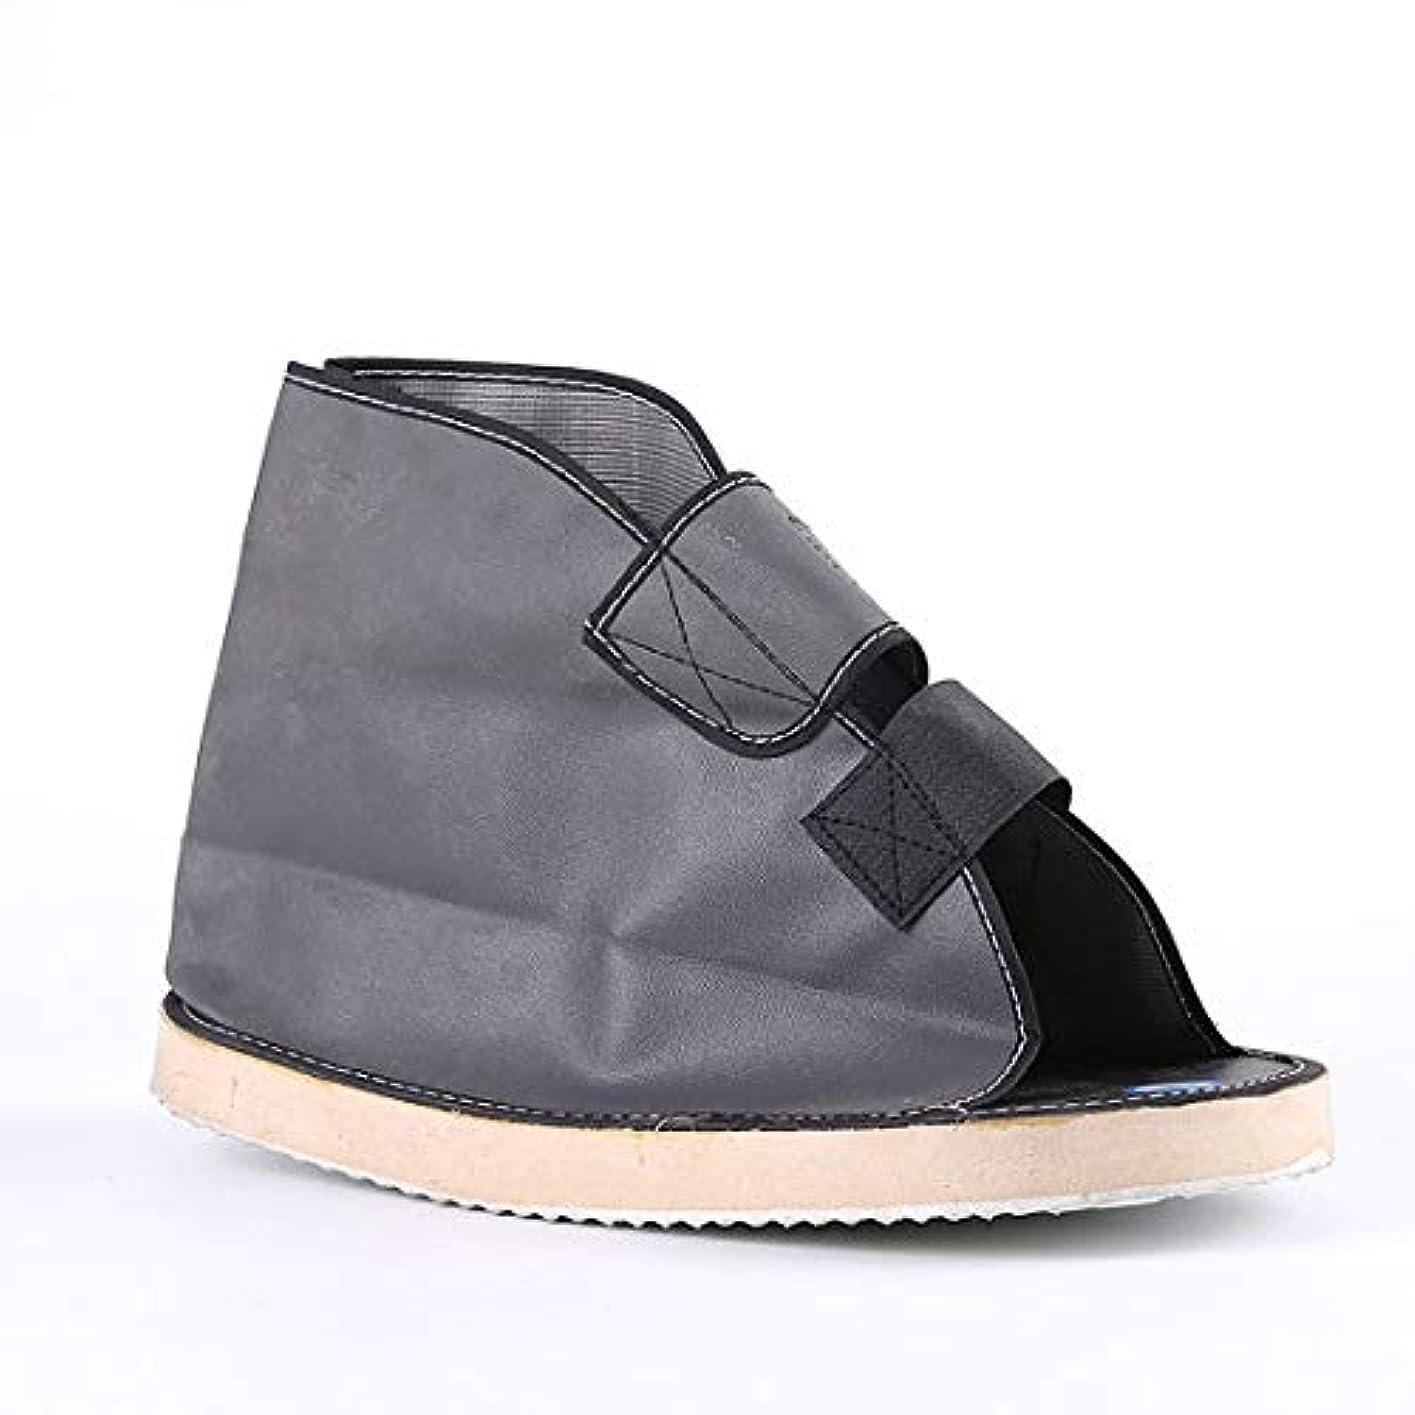 断言する逆さまに対人医療足骨折石膏の回復靴の手術後のつま先の靴を安定化骨折の靴を調整可能なファスナーで完全なカバー,L28.5*13cm